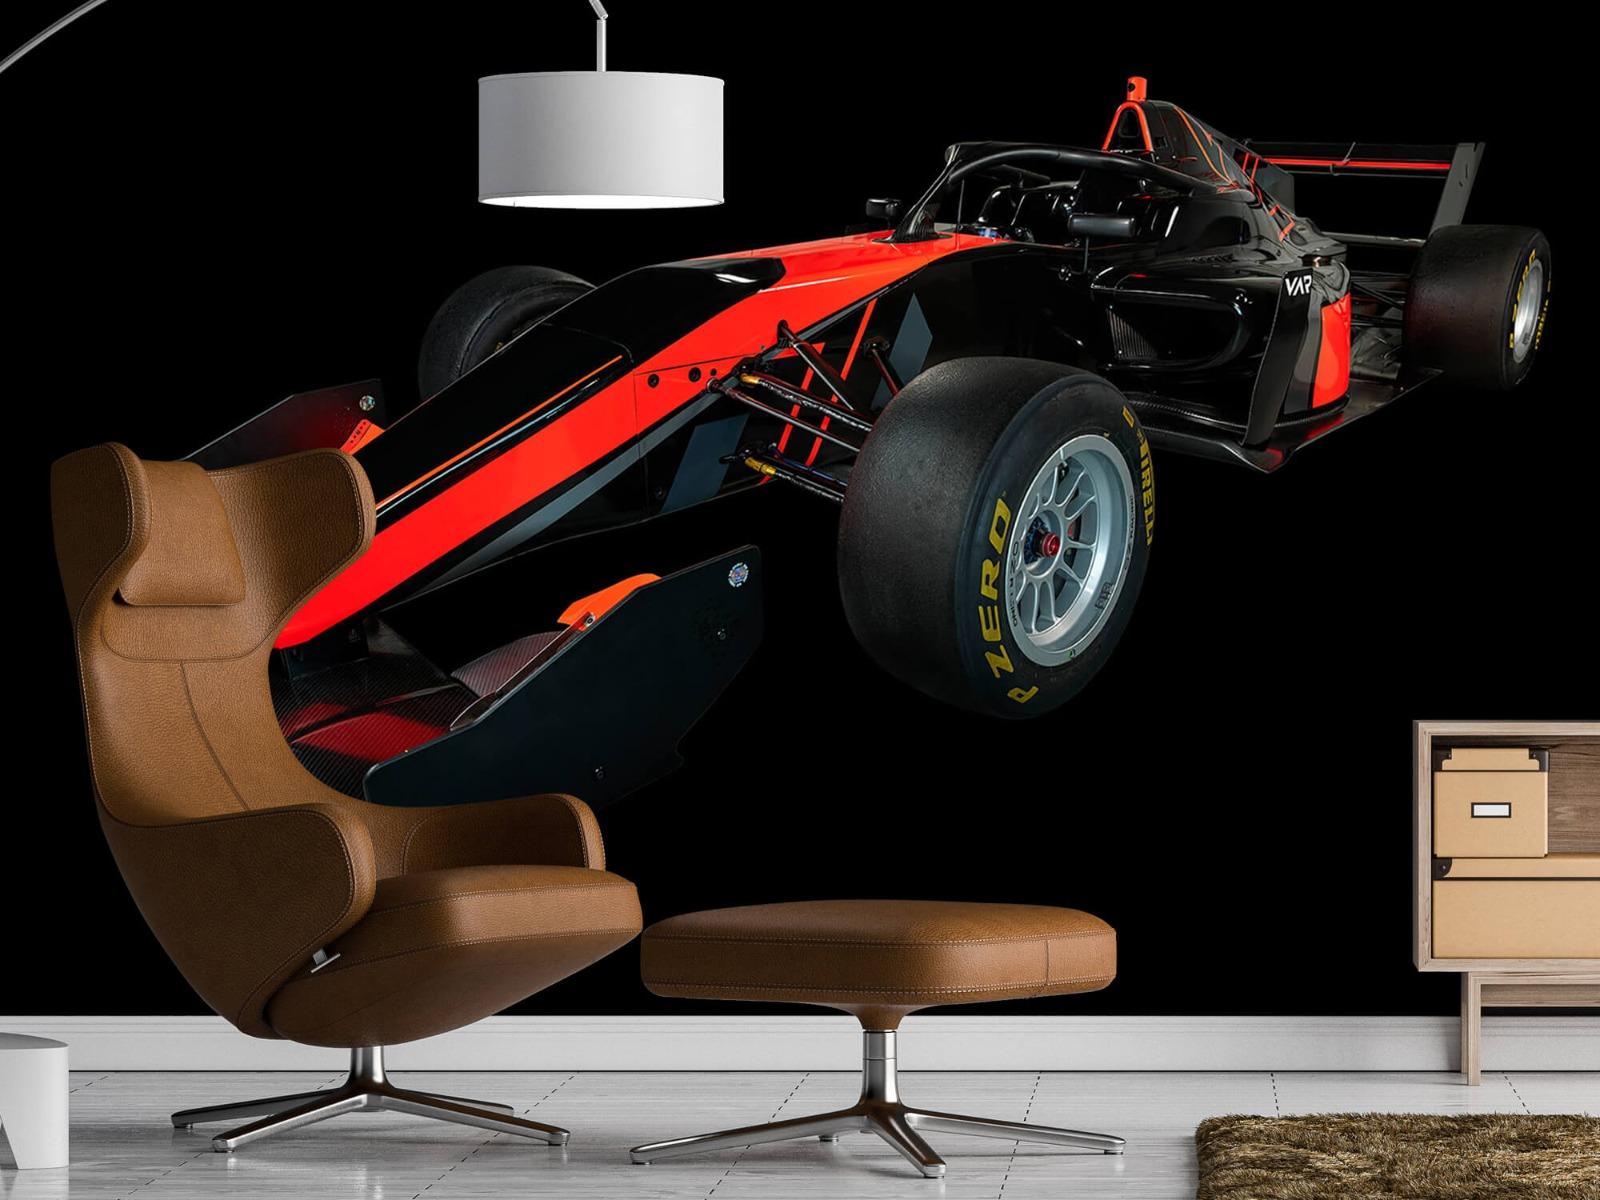 Sportauto's - Formule 3 - Left front view - dark - Vergaderruimte 19